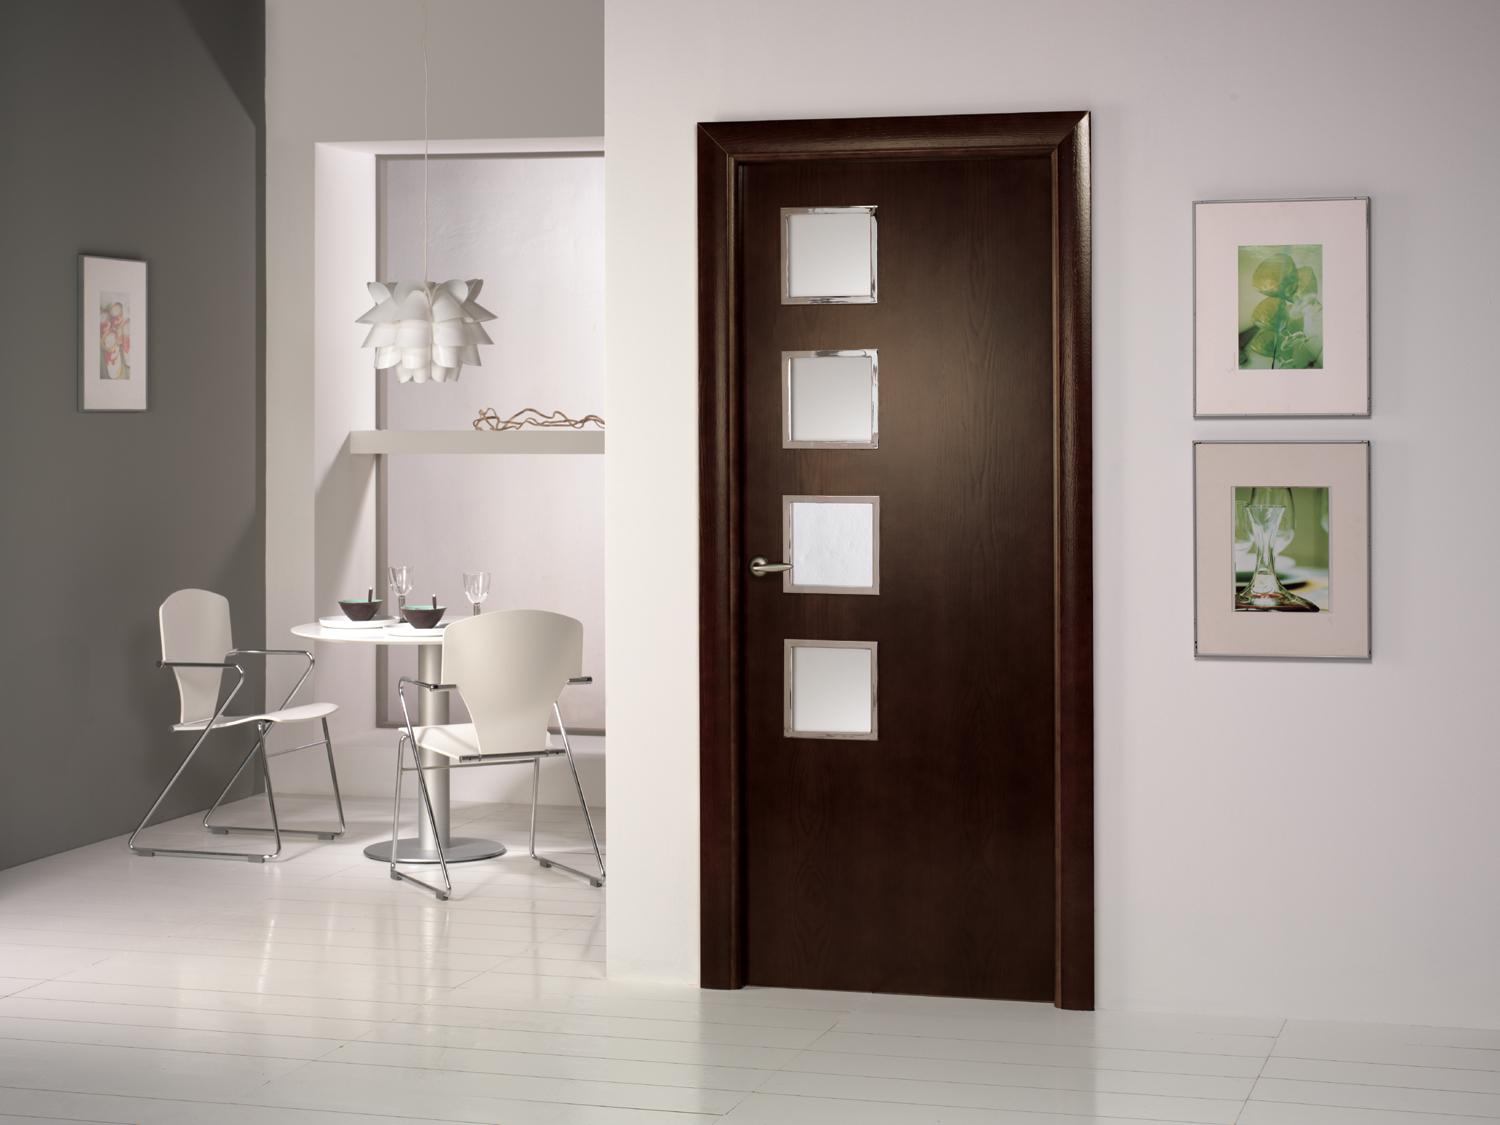 Puertas dise o para tu vivienda ja constructores for Colores para puertas exteriores